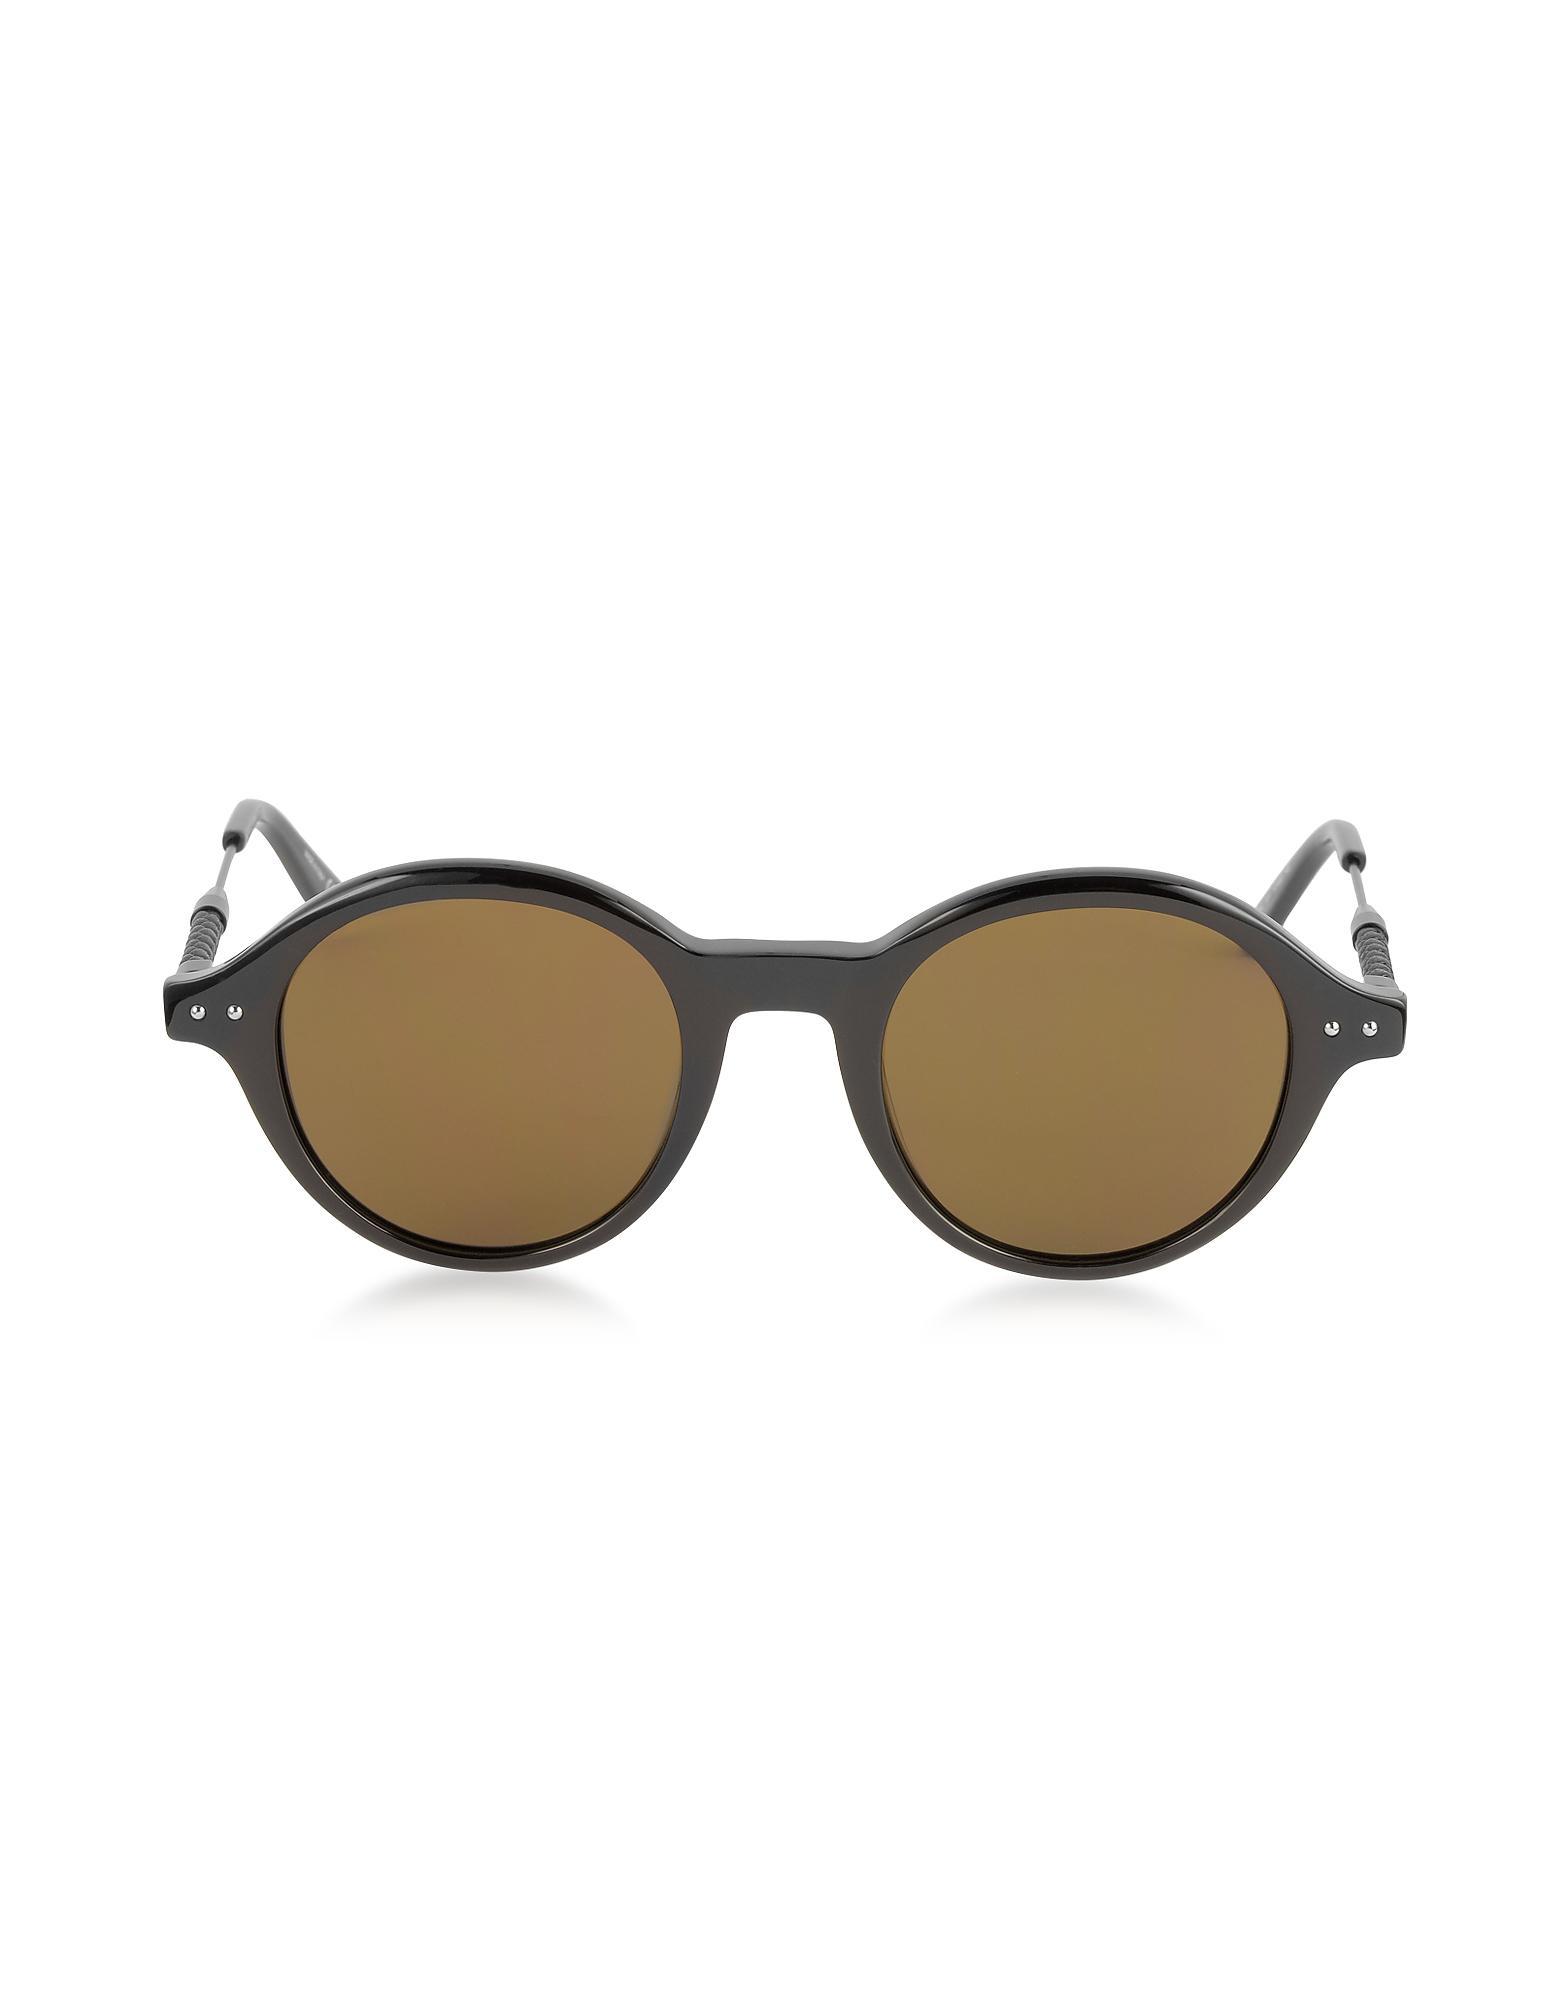 Bottega Veneta Round-frame Tortoiseshell Acetate Sunglasses - Tortoiseshell aWHTdT